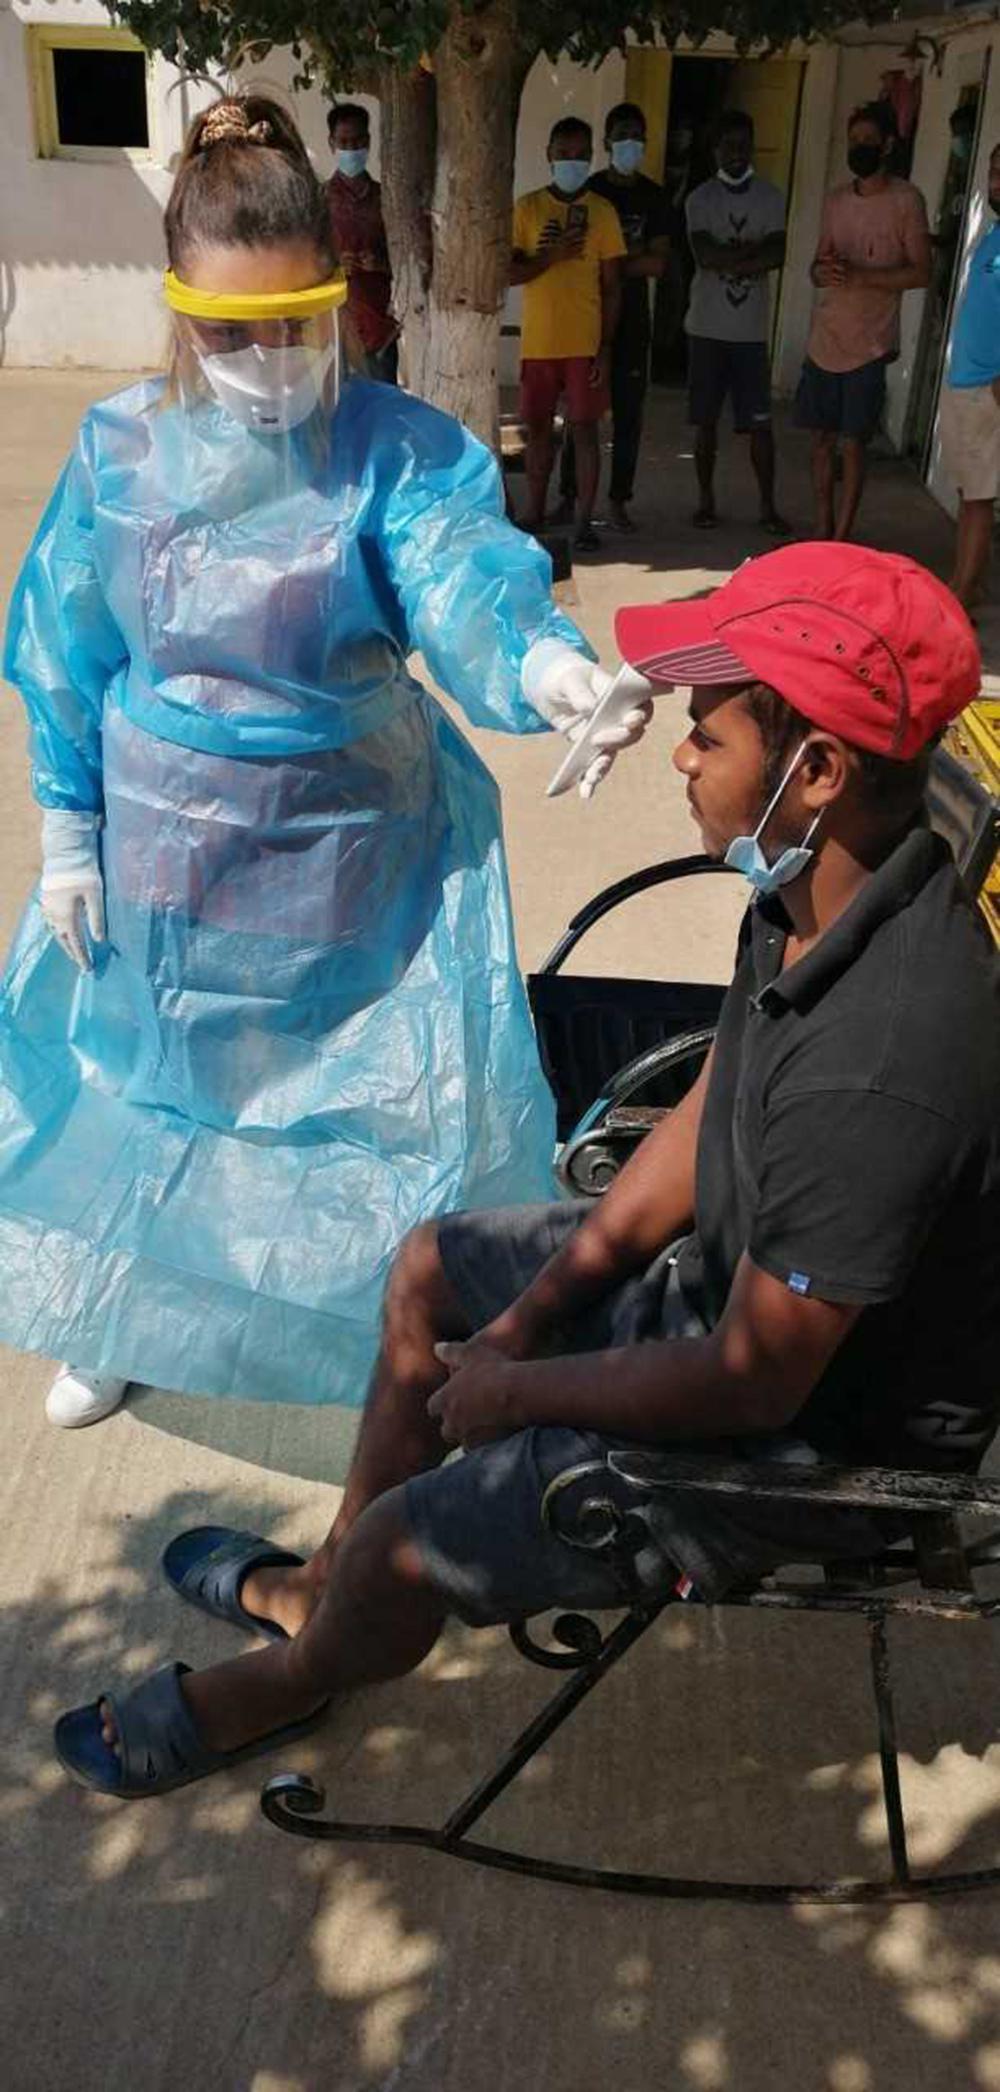 Κορονοϊός: Αγωνία για τον 25χρονο που μεταφέρθηκε από την Τήνο στην Αθήνα - Δεν έχει υποκείμενα νοσήματα